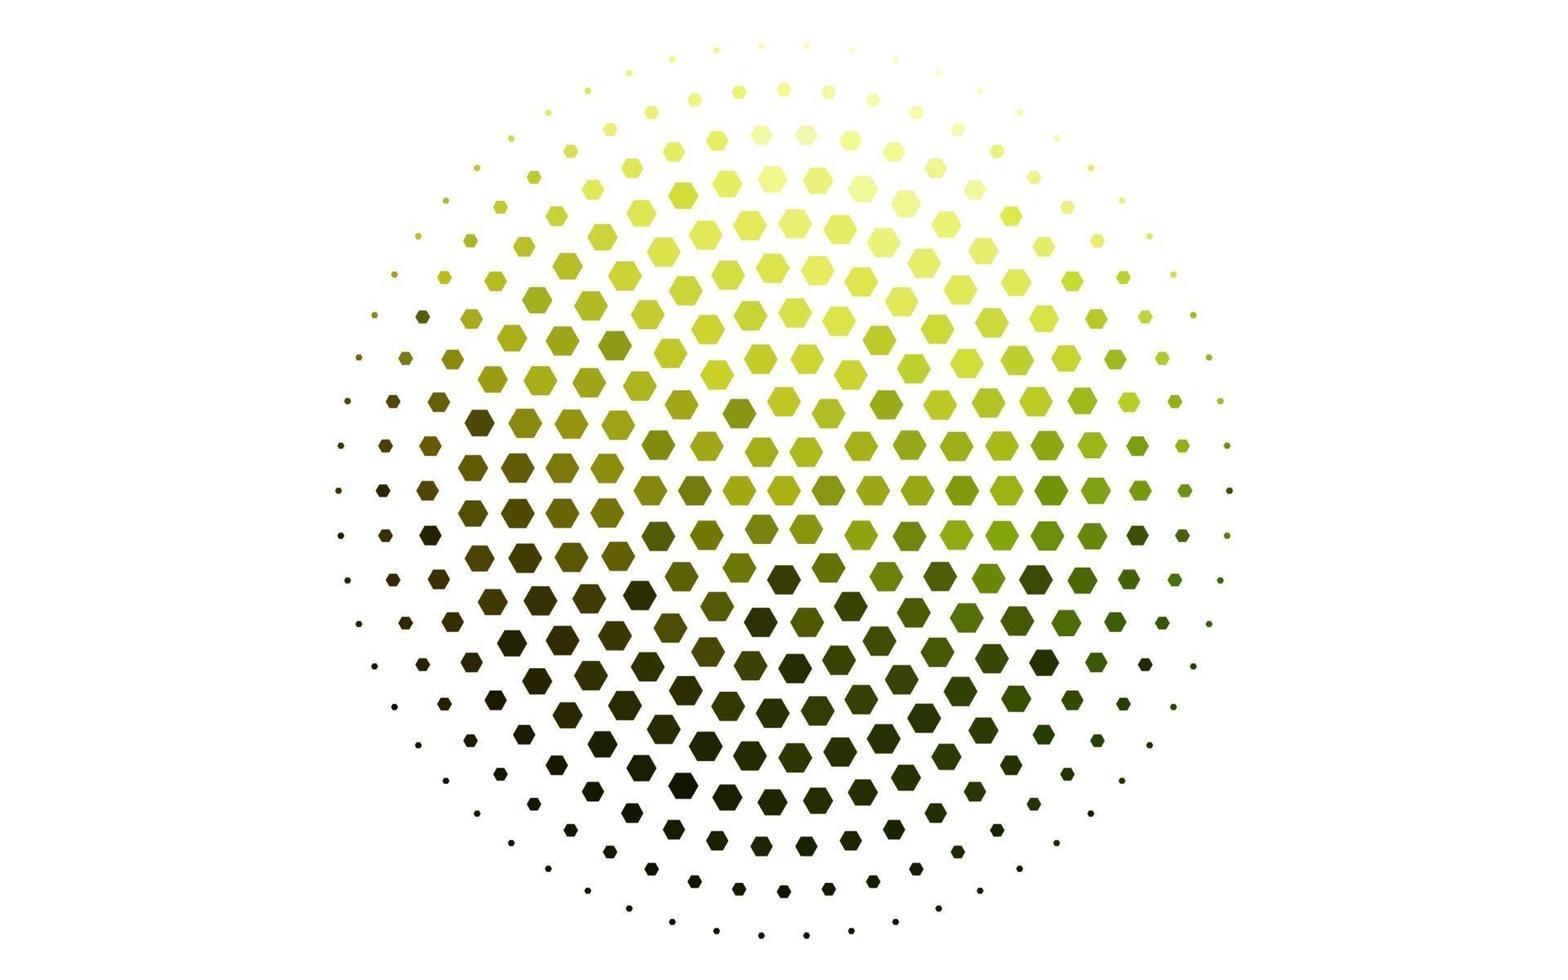 layout de vetor verde e amarelo claro com formas hexagonais.